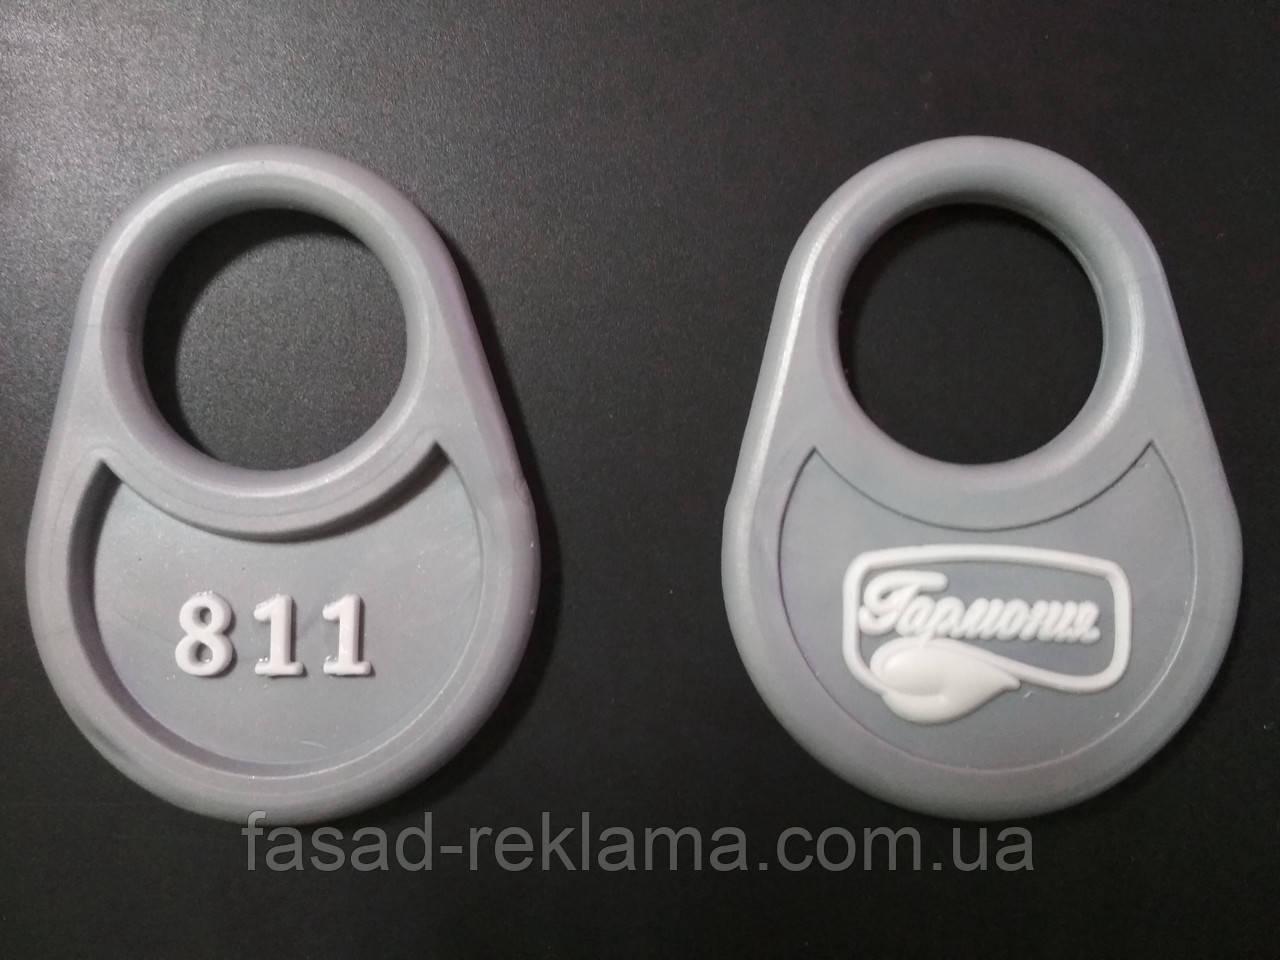 Изготовление номерков для гардероба с логотипом